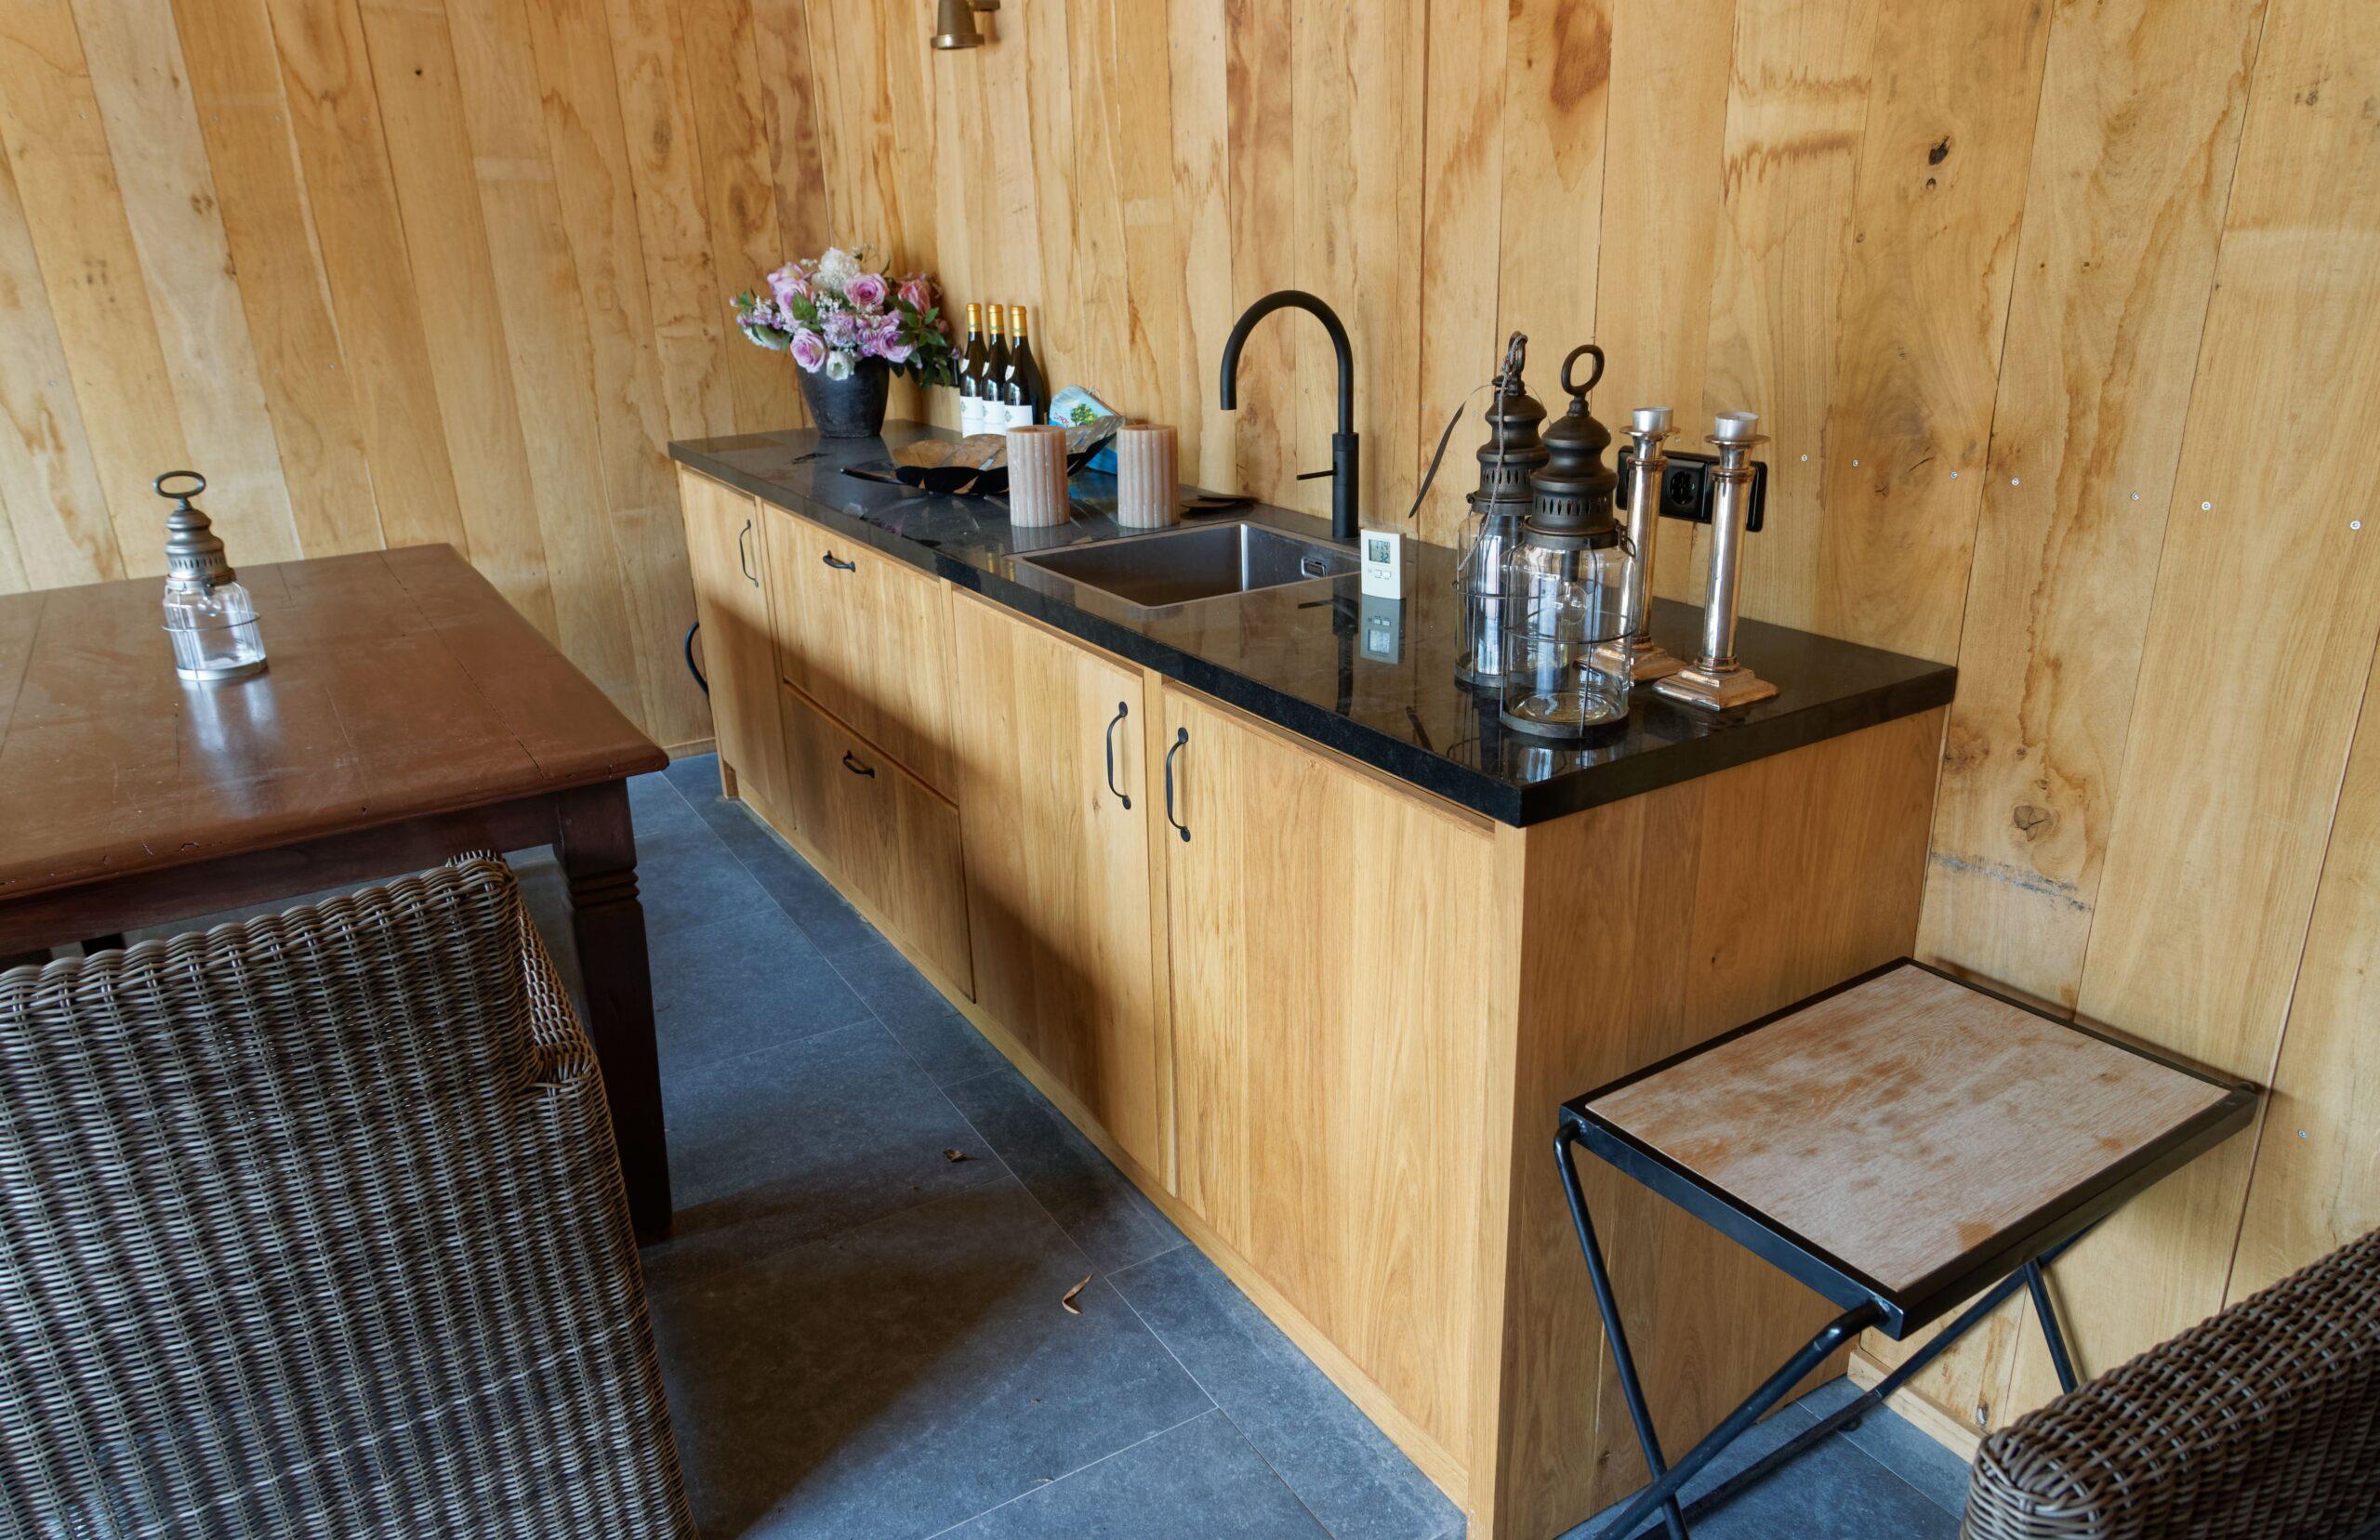 Eiken-bijgebouw-10-scaled - Project Laren: Houten schuur met sauna en tuinkamer